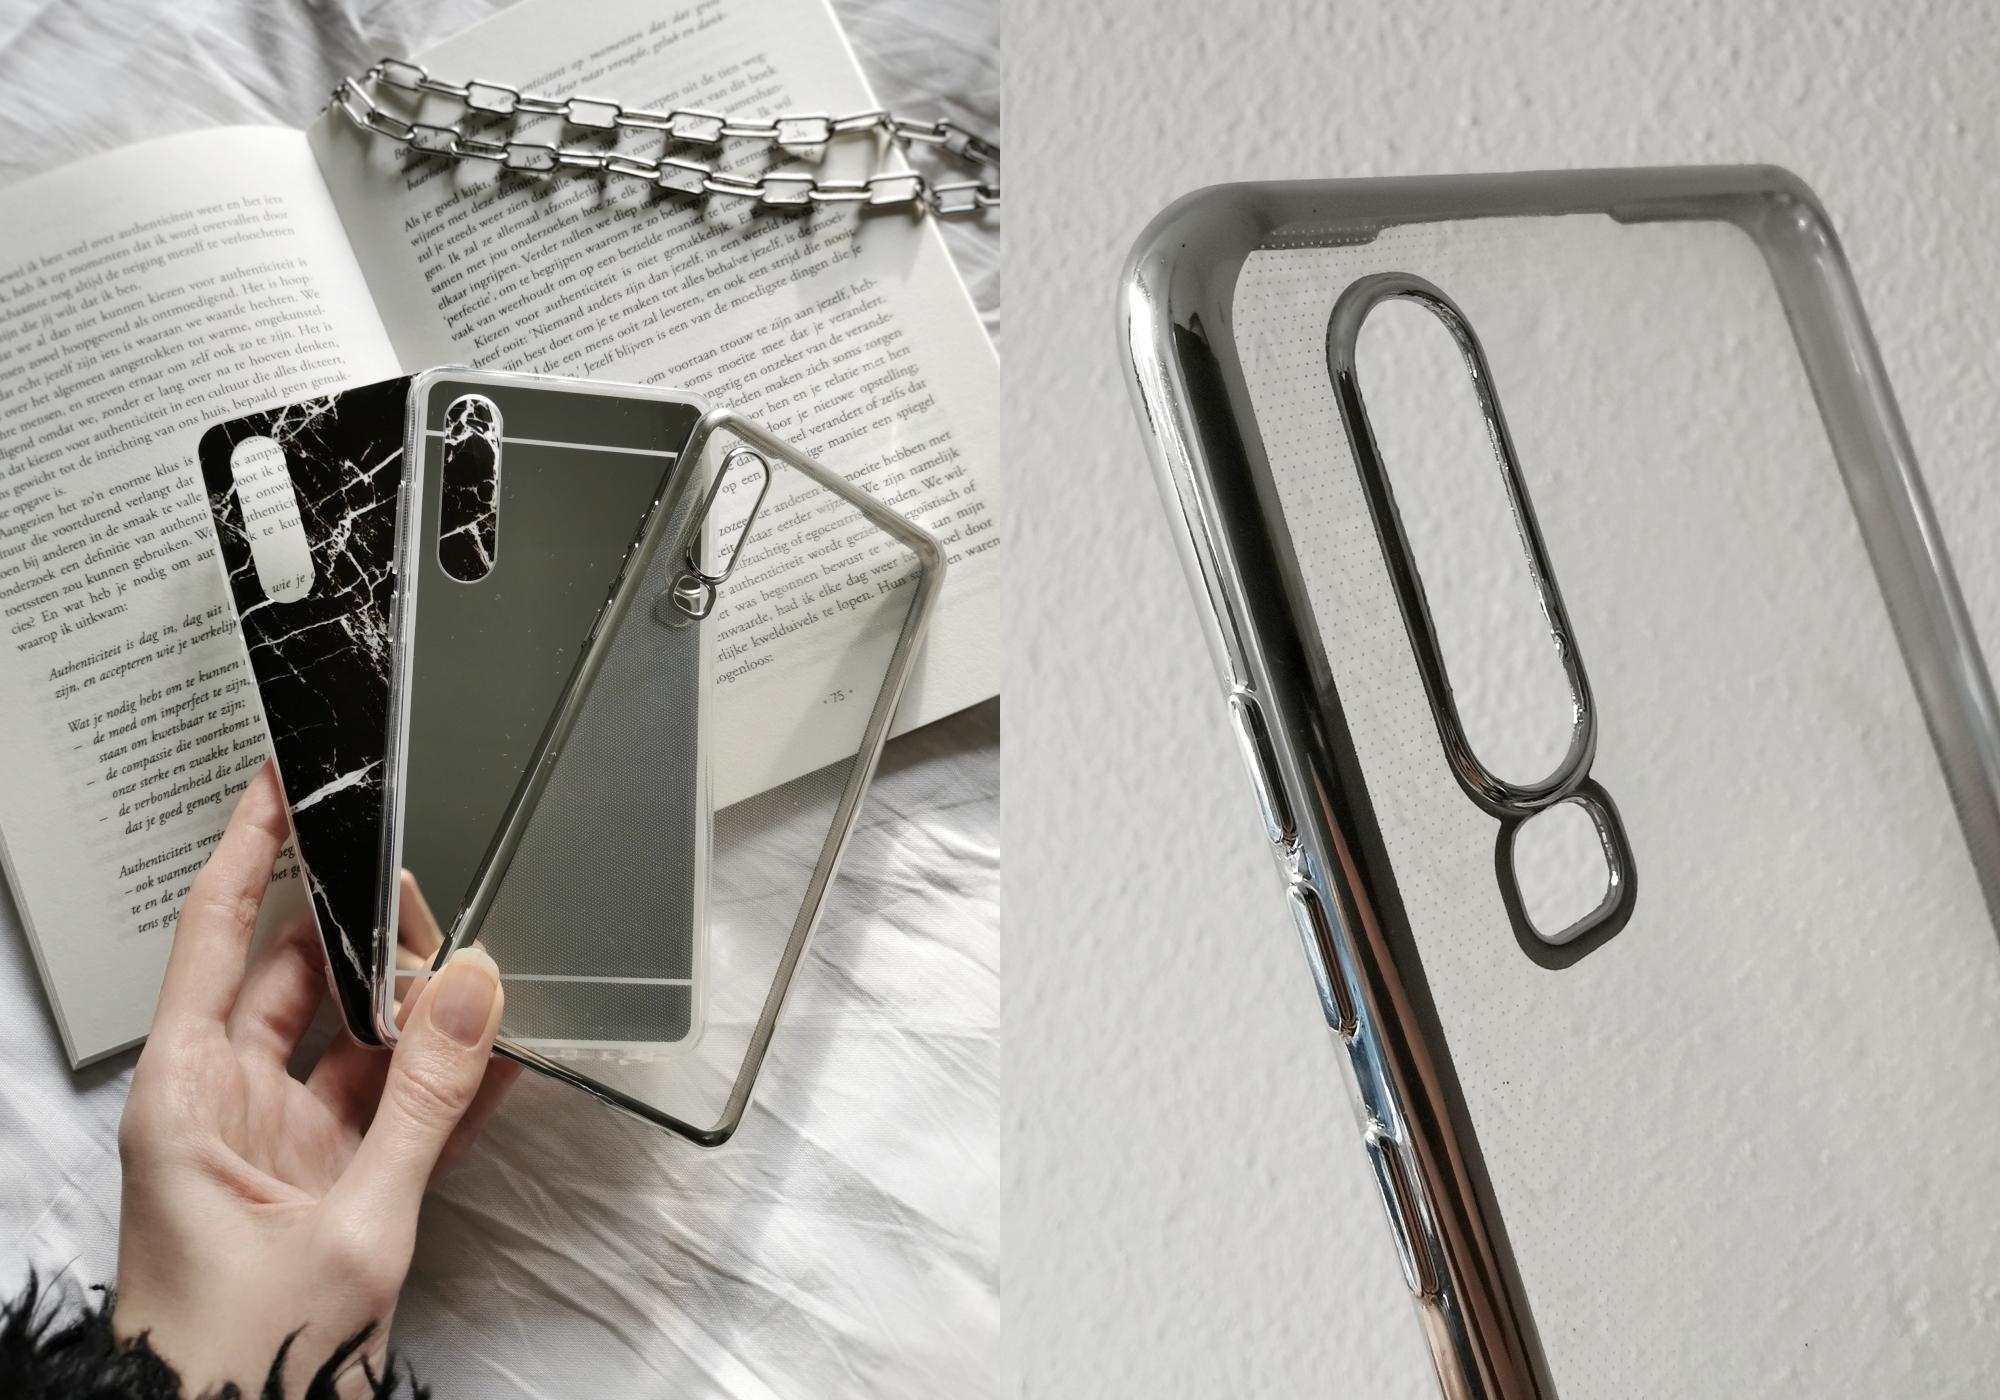 Hoesjes Outfit telefoonhoesje Huawei P30 softcase zwart marmer hoesje zilver spiegel effect doorzichtig met zilveren rand review trendy hoesjes